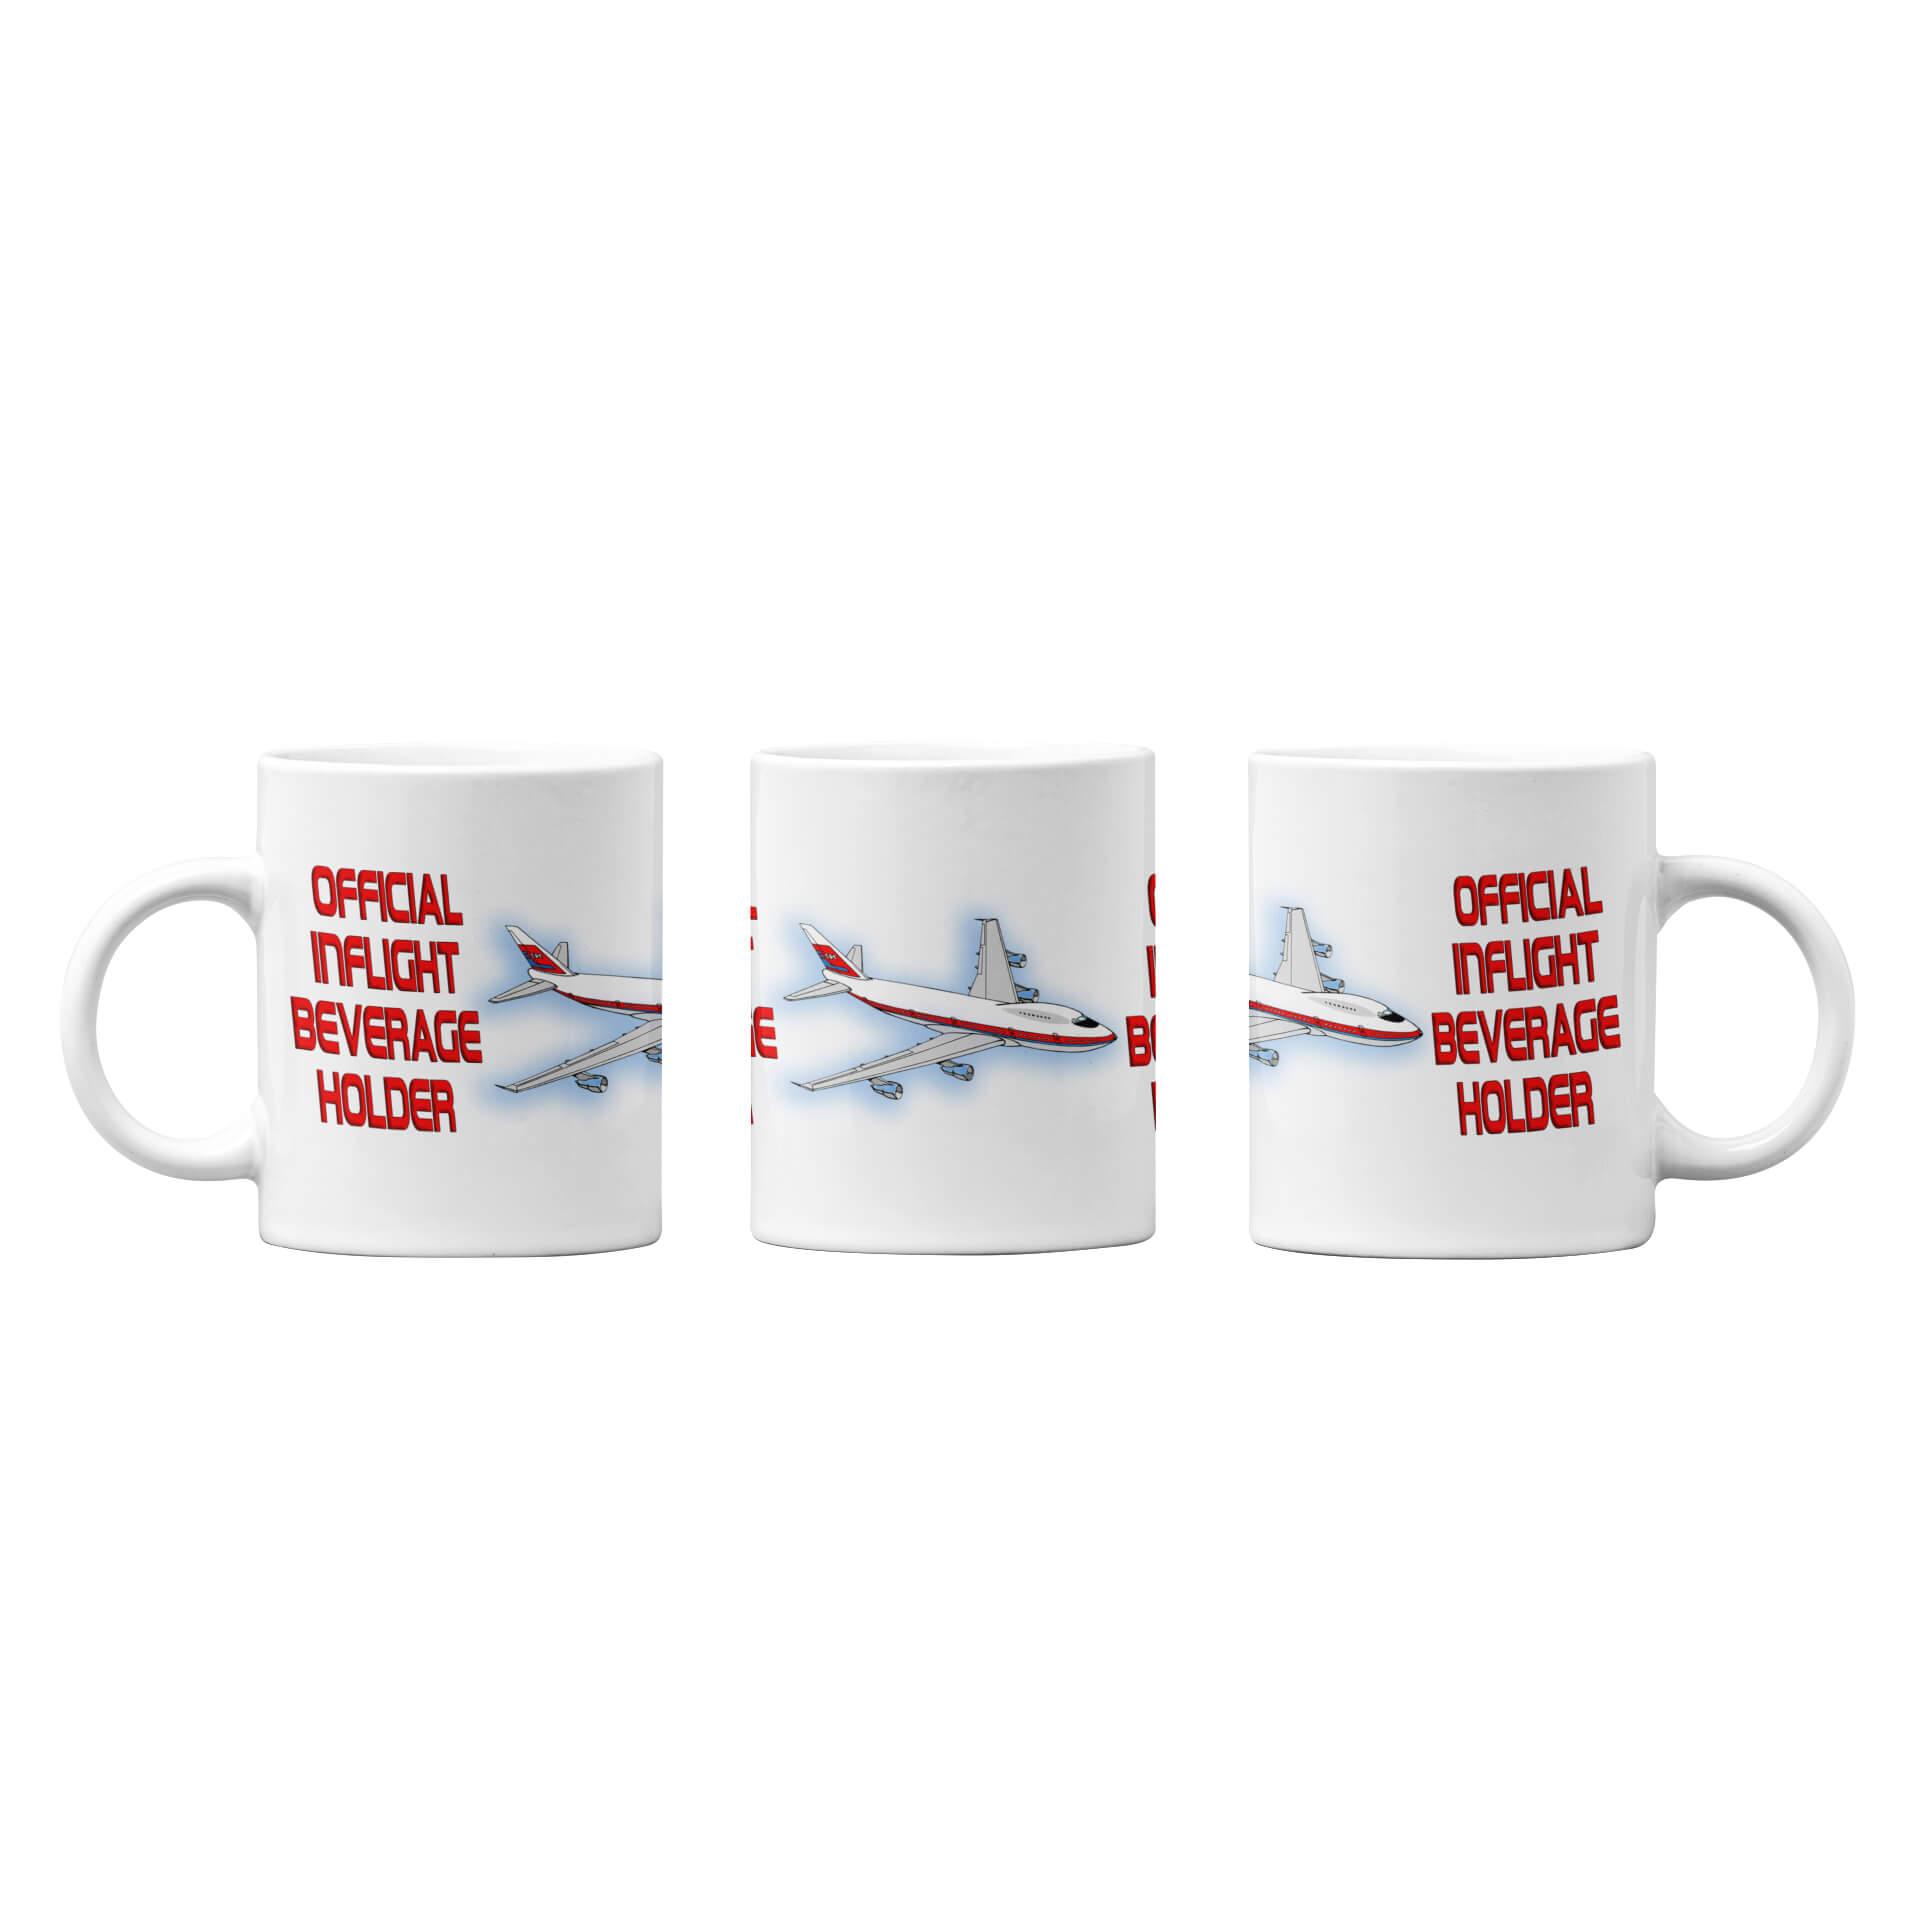 Official Inflight Beverage Holder Mug